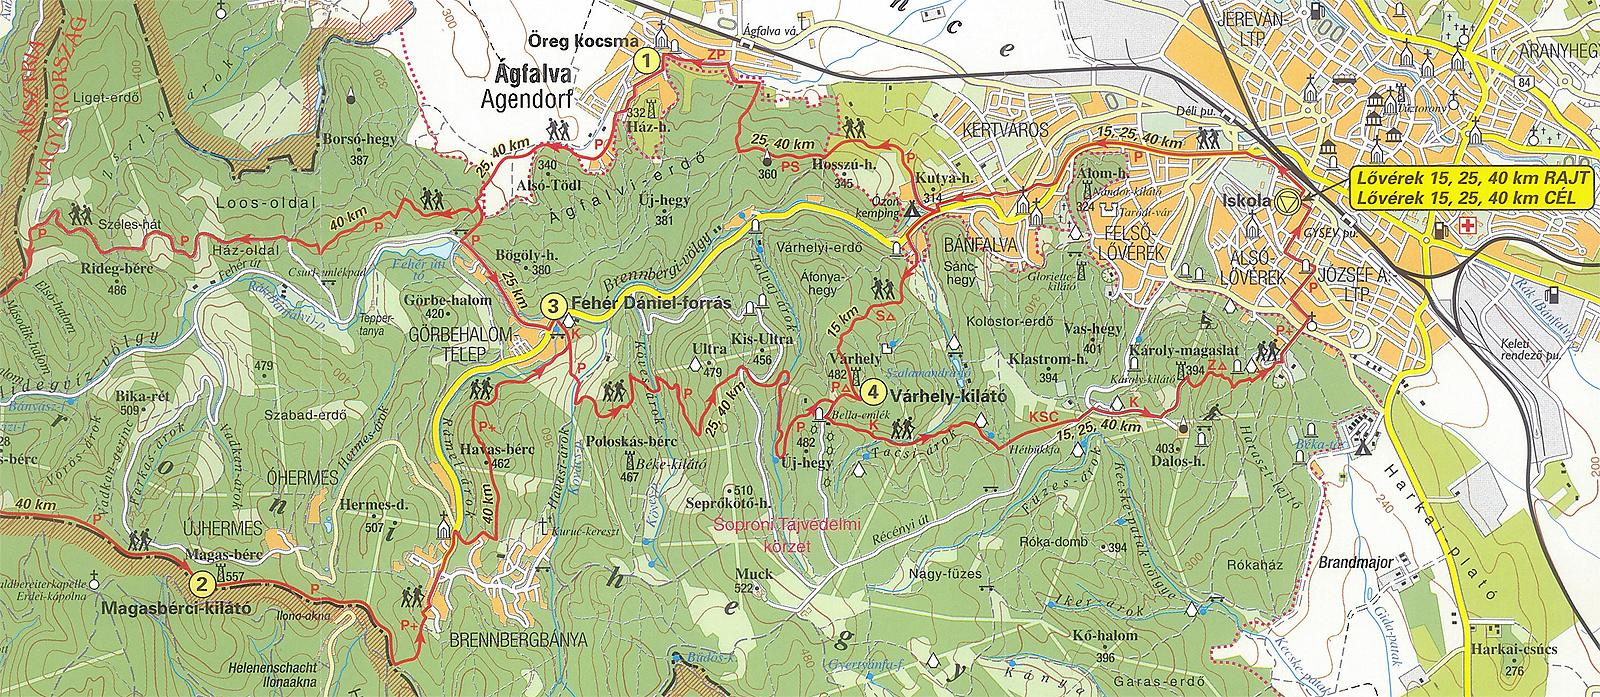 sopron lővérek térkép 2009 Túrák, fotók, tanácsok túraszervezéshez. sopron lővérek térkép